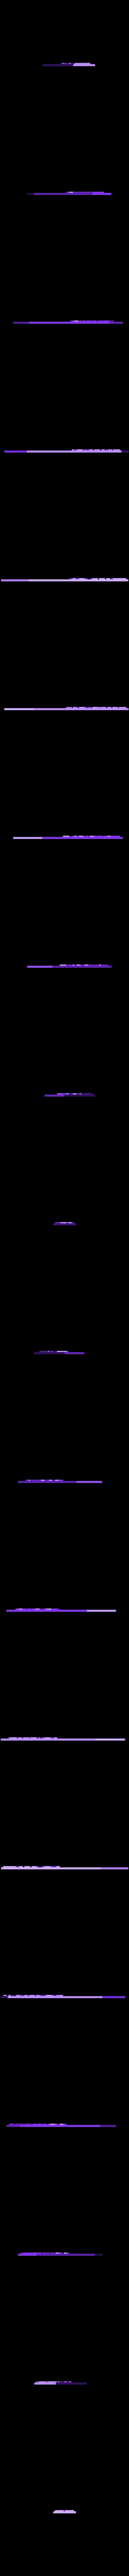 TRIED DIED.stl Télécharger fichier STL gratuit Étiquettes de noms de plantes • Plan imprimable en 3D, Jdog